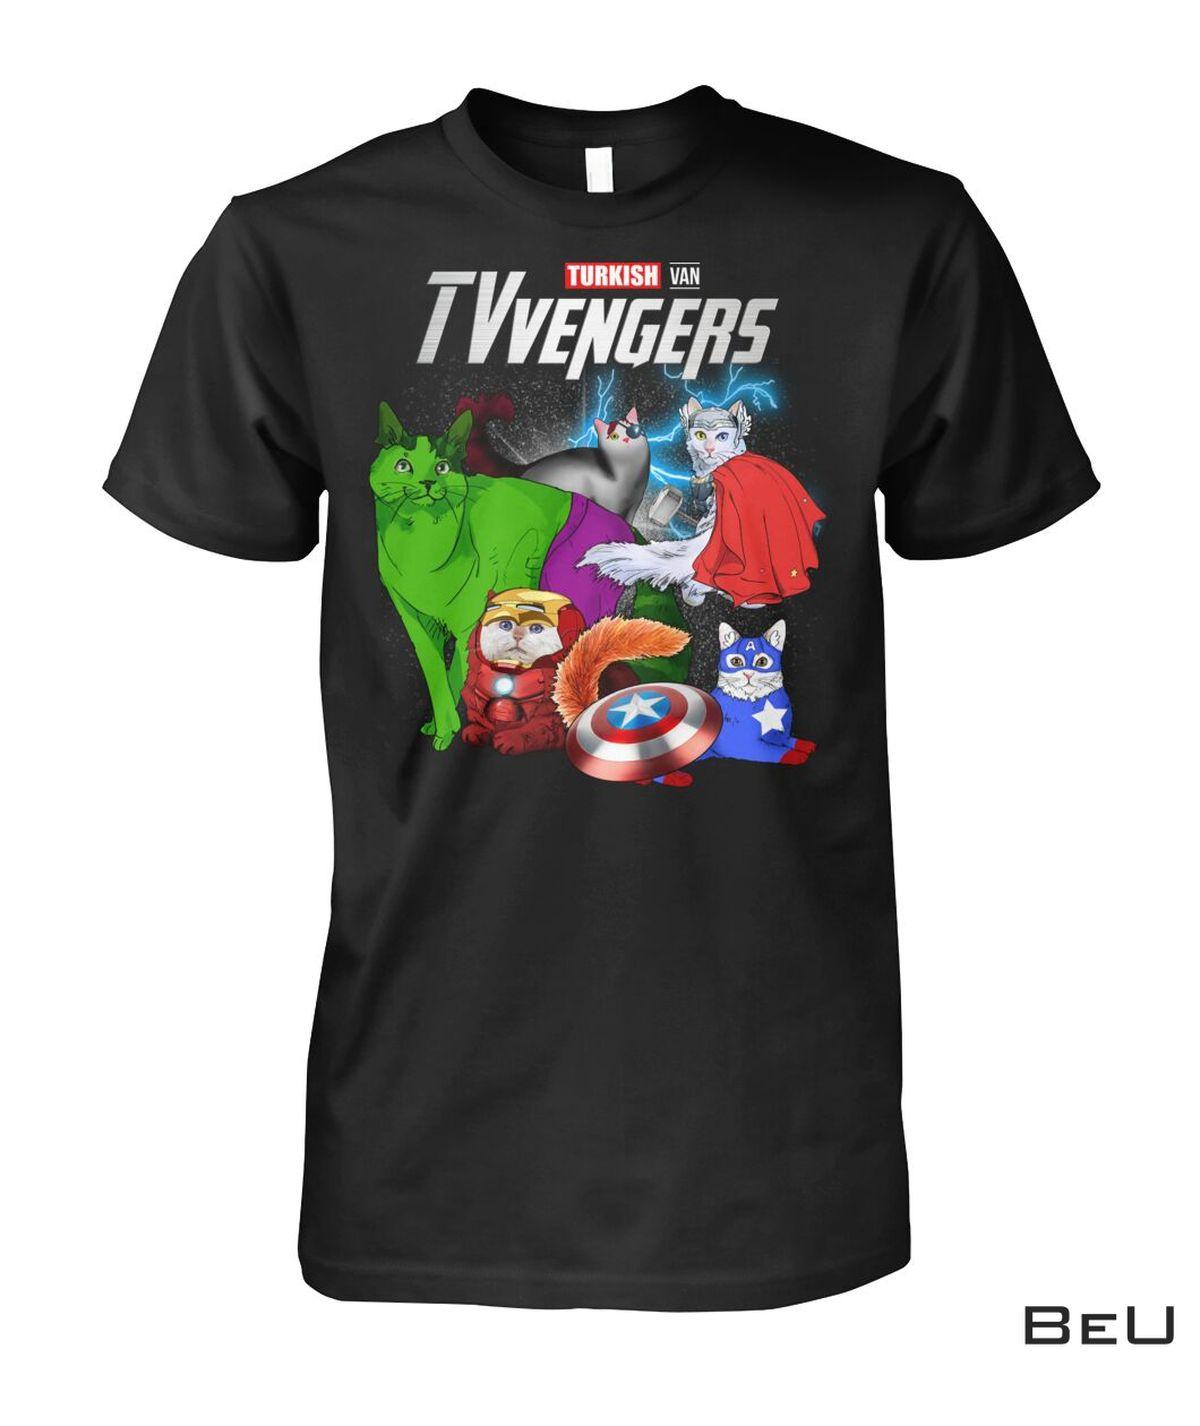 TVvengers Turkish Van Cat Avengers Shirt, hoodie, tank top